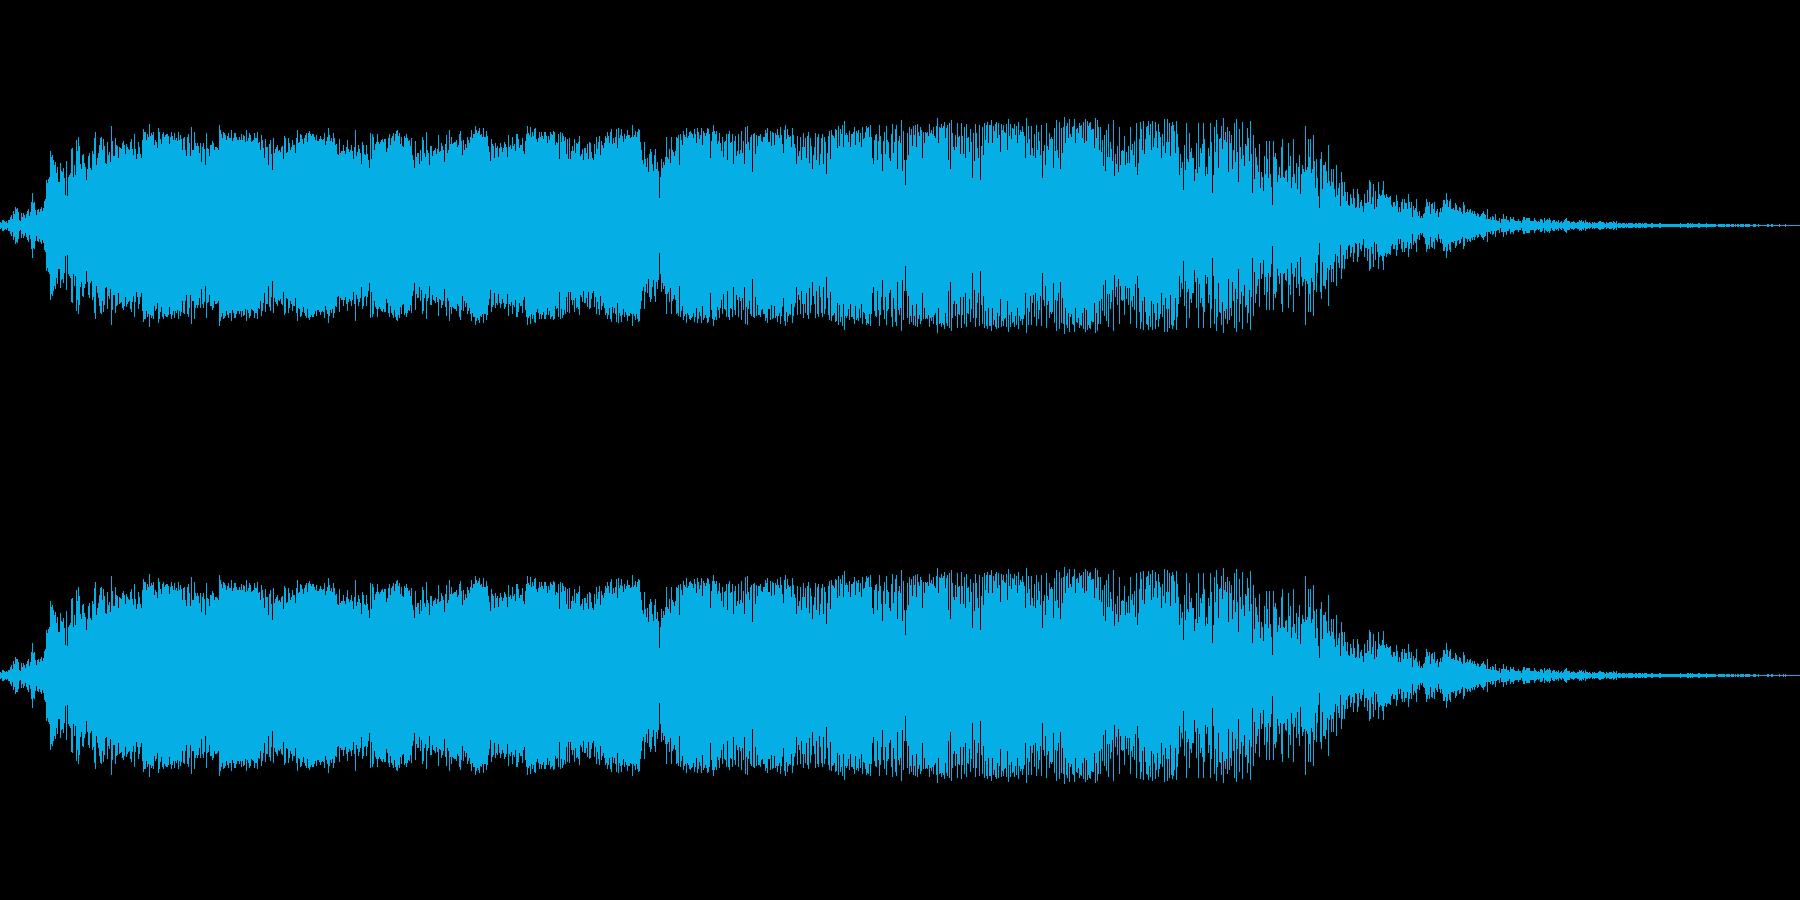 ビヨーンと言ったゲーム音の再生済みの波形